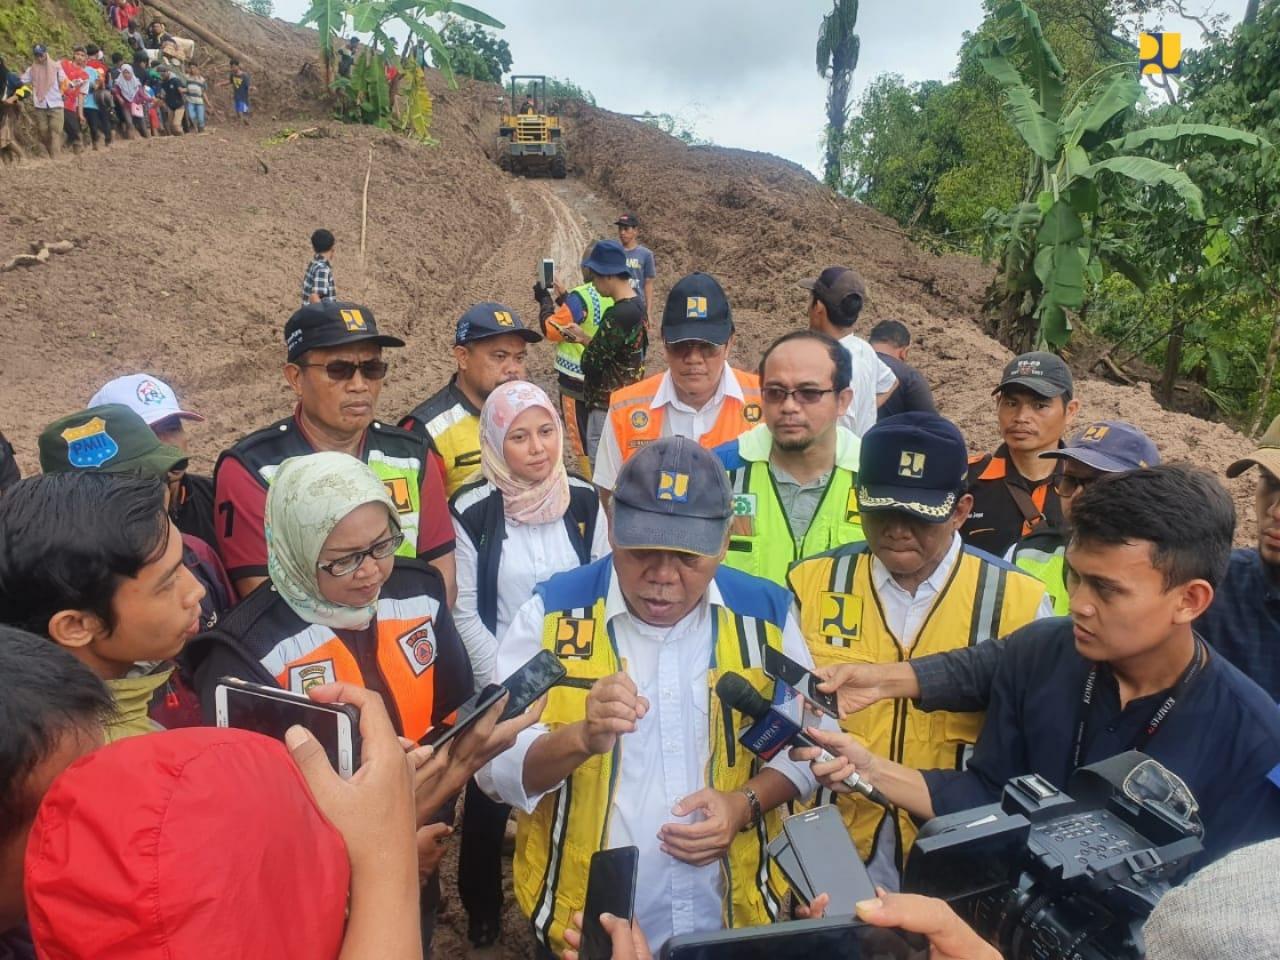 Tambah Alat Berat, Menteri PUPR Targetkan Jalan Terisolir di Sukmajaya, Bogor, Bisa Diakses Minggu Ini 113